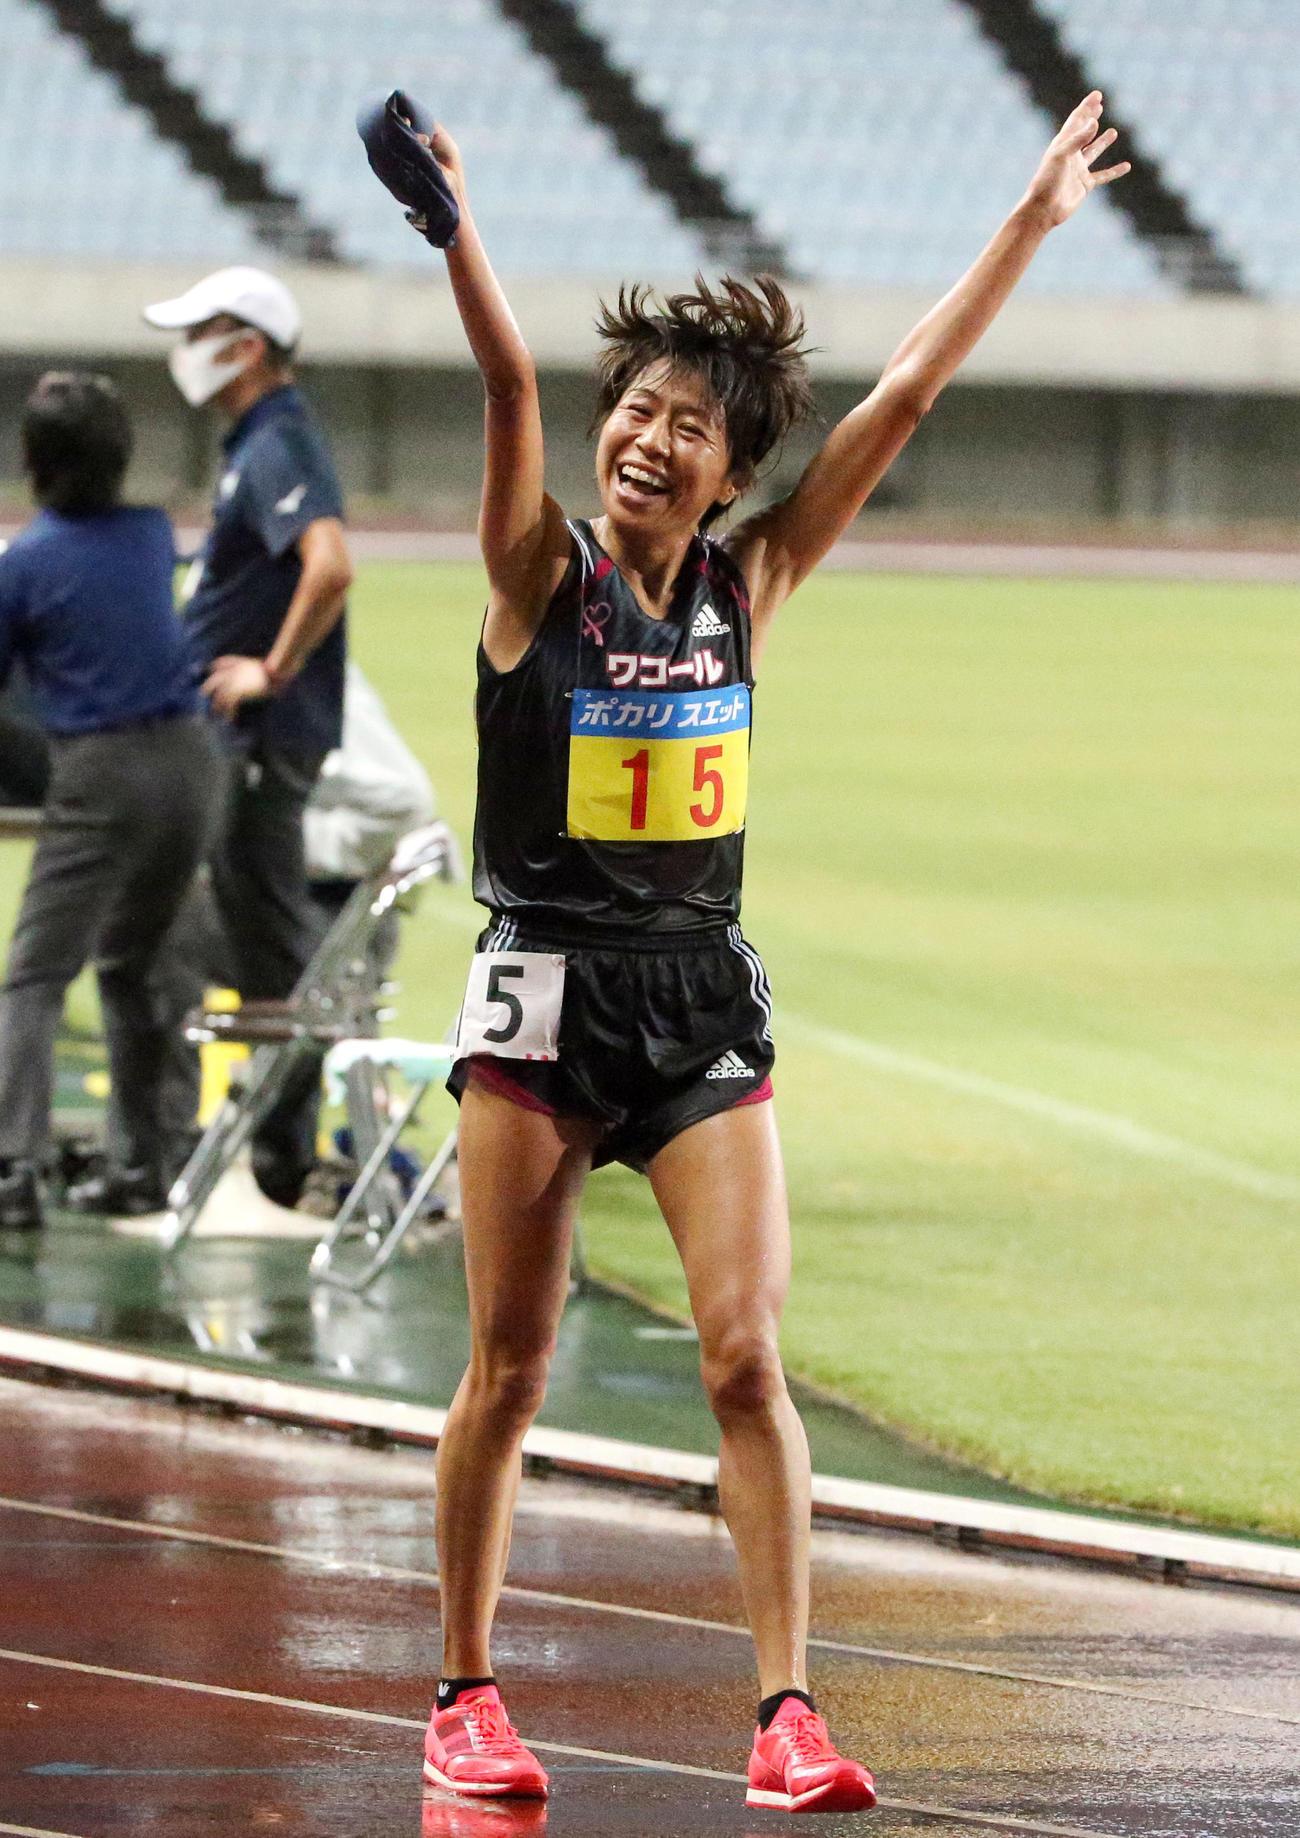 女子1万メートル決勝 3位に終わった福士加代子はゴール後手を挙げて満面の笑顔を見せる(撮影・上山淳一)